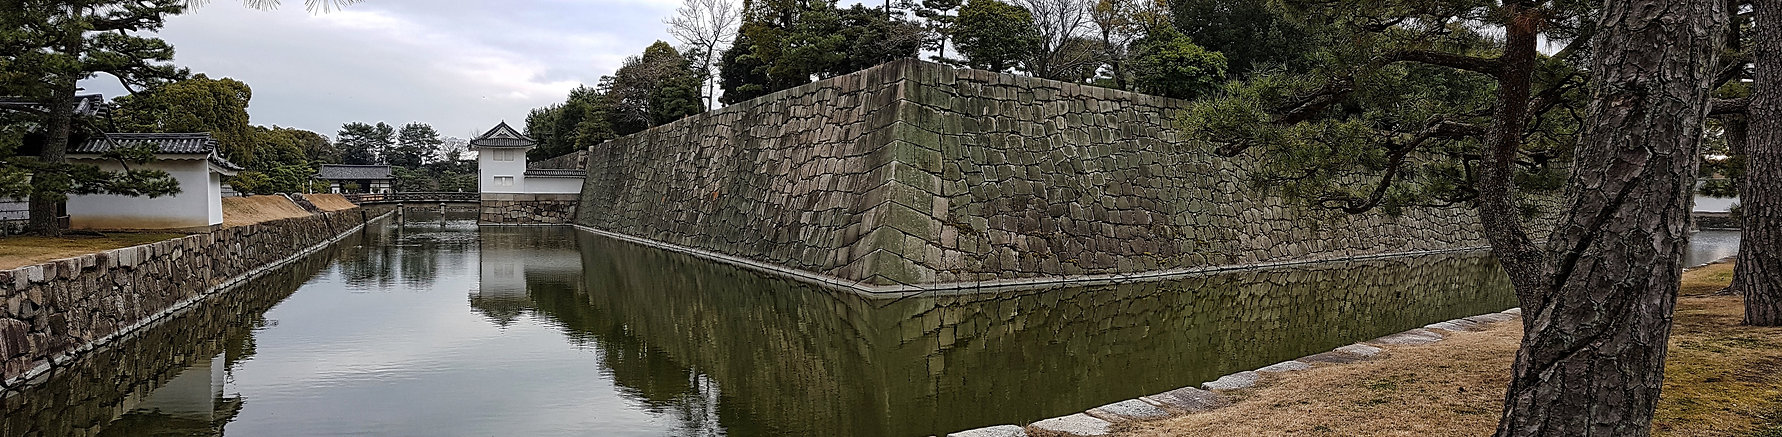 nijo castle, castillo nijo kioto,  kyoto